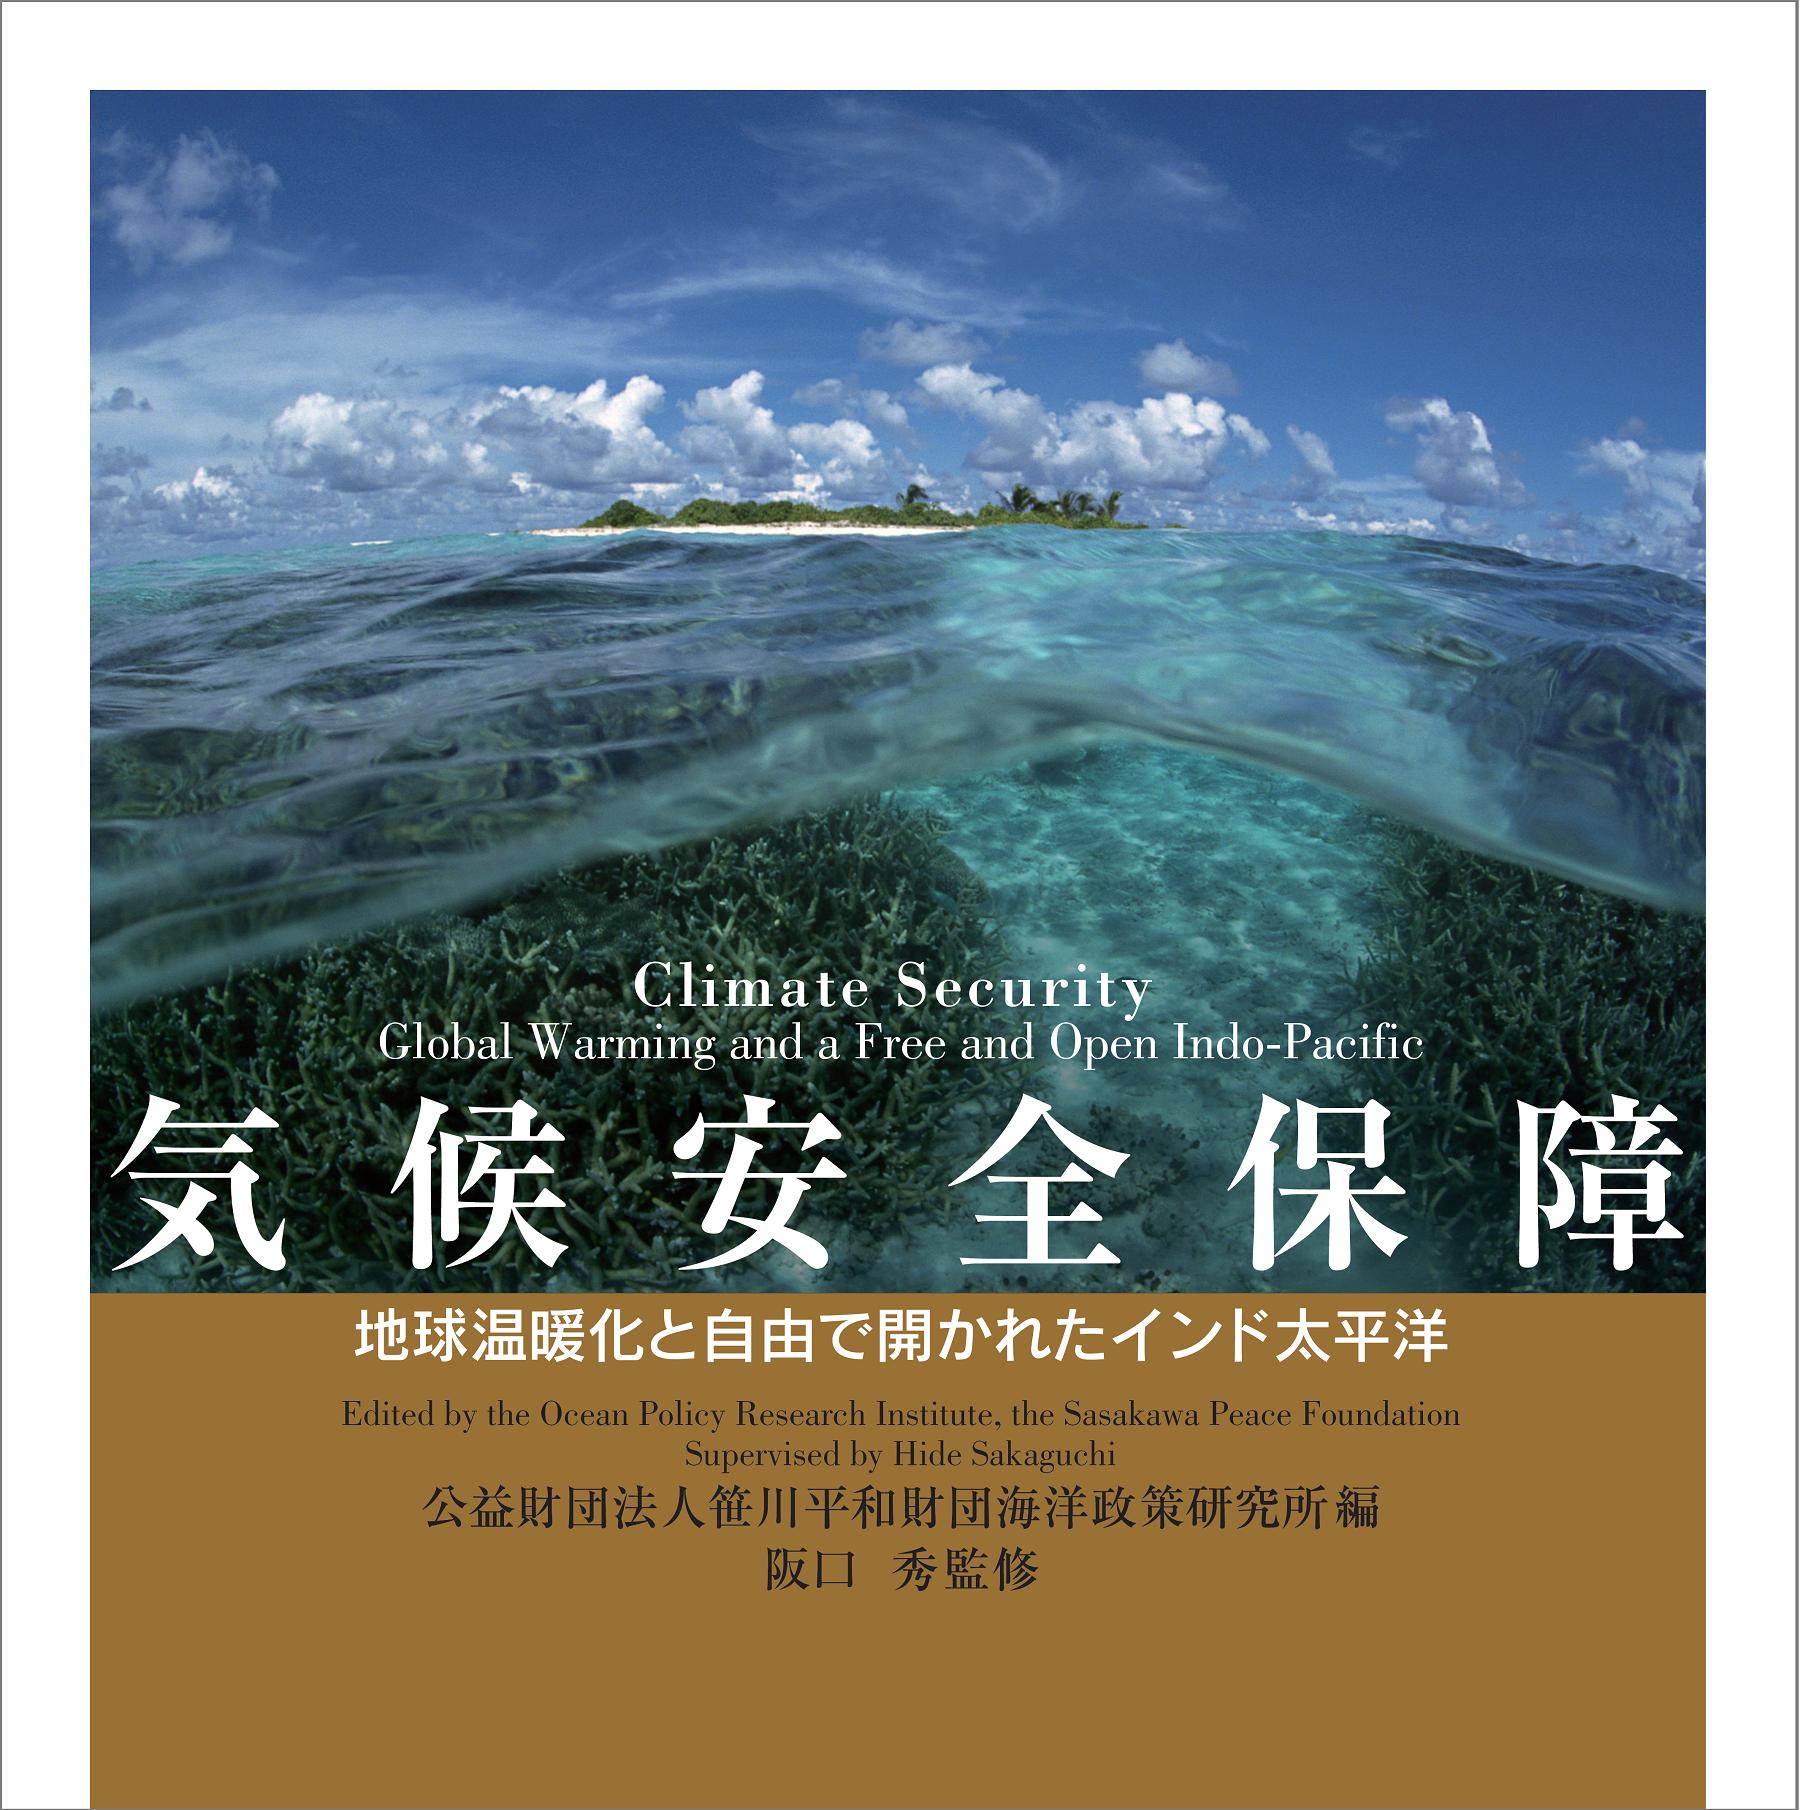 (代)『気候安全保障:地球温暖化と自由で開かれたインド太平洋』刊行のお知らせ